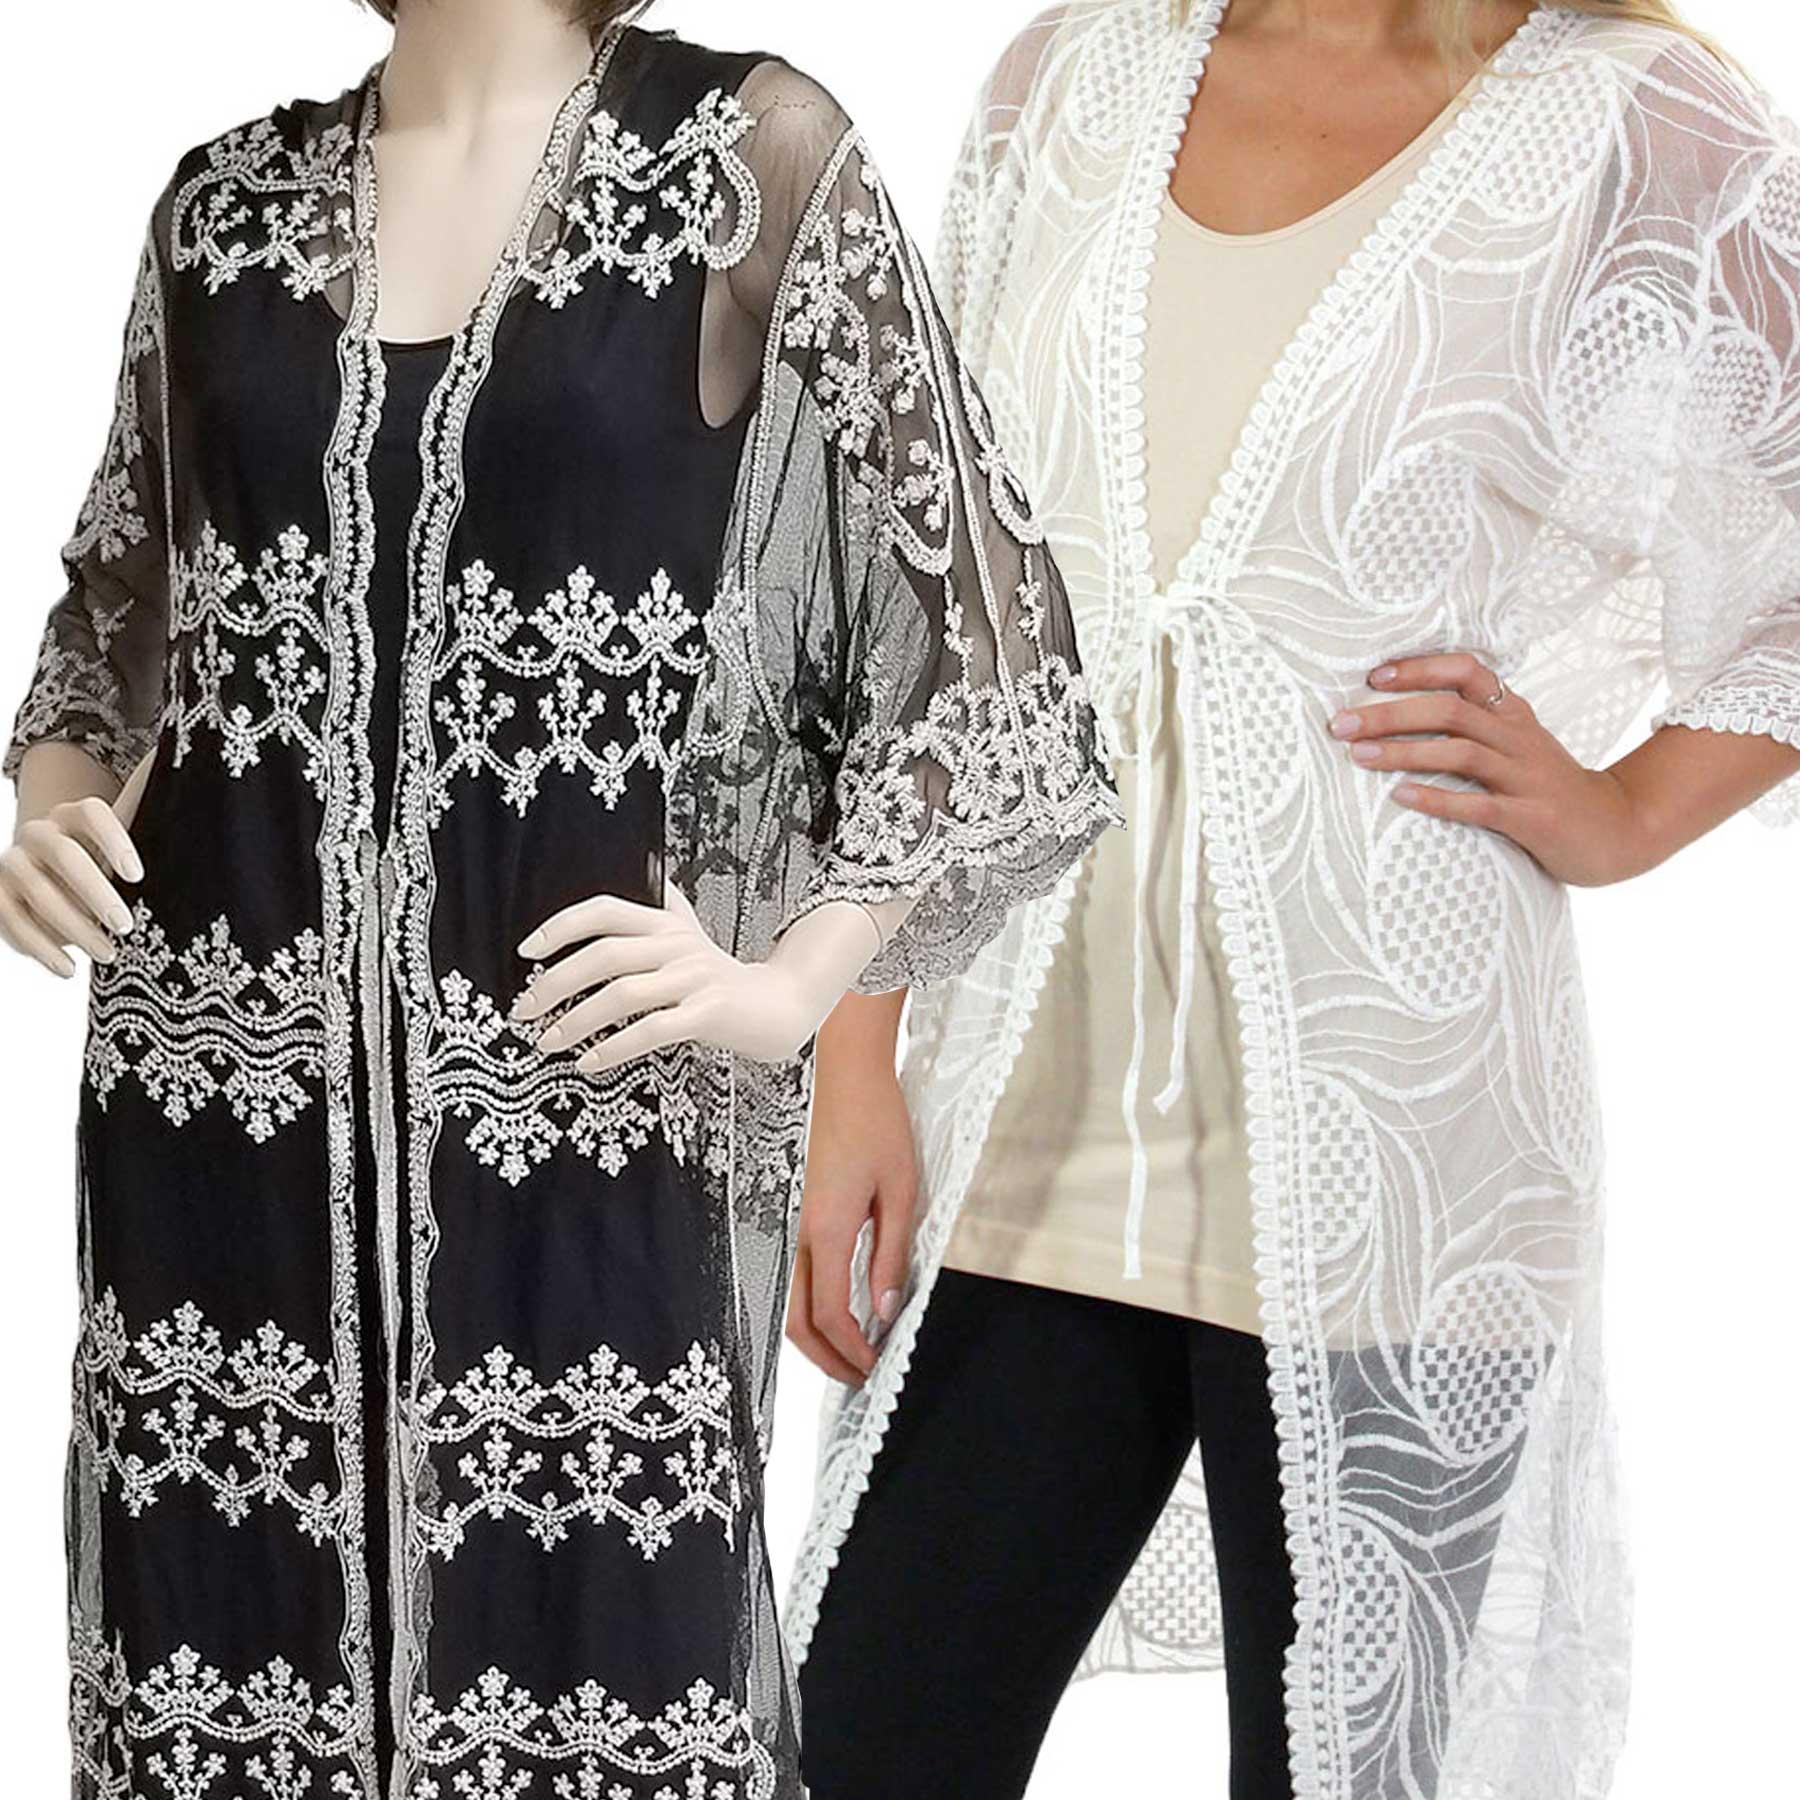 Kimono - Vintage Lace 1C12, 9036, & 9312